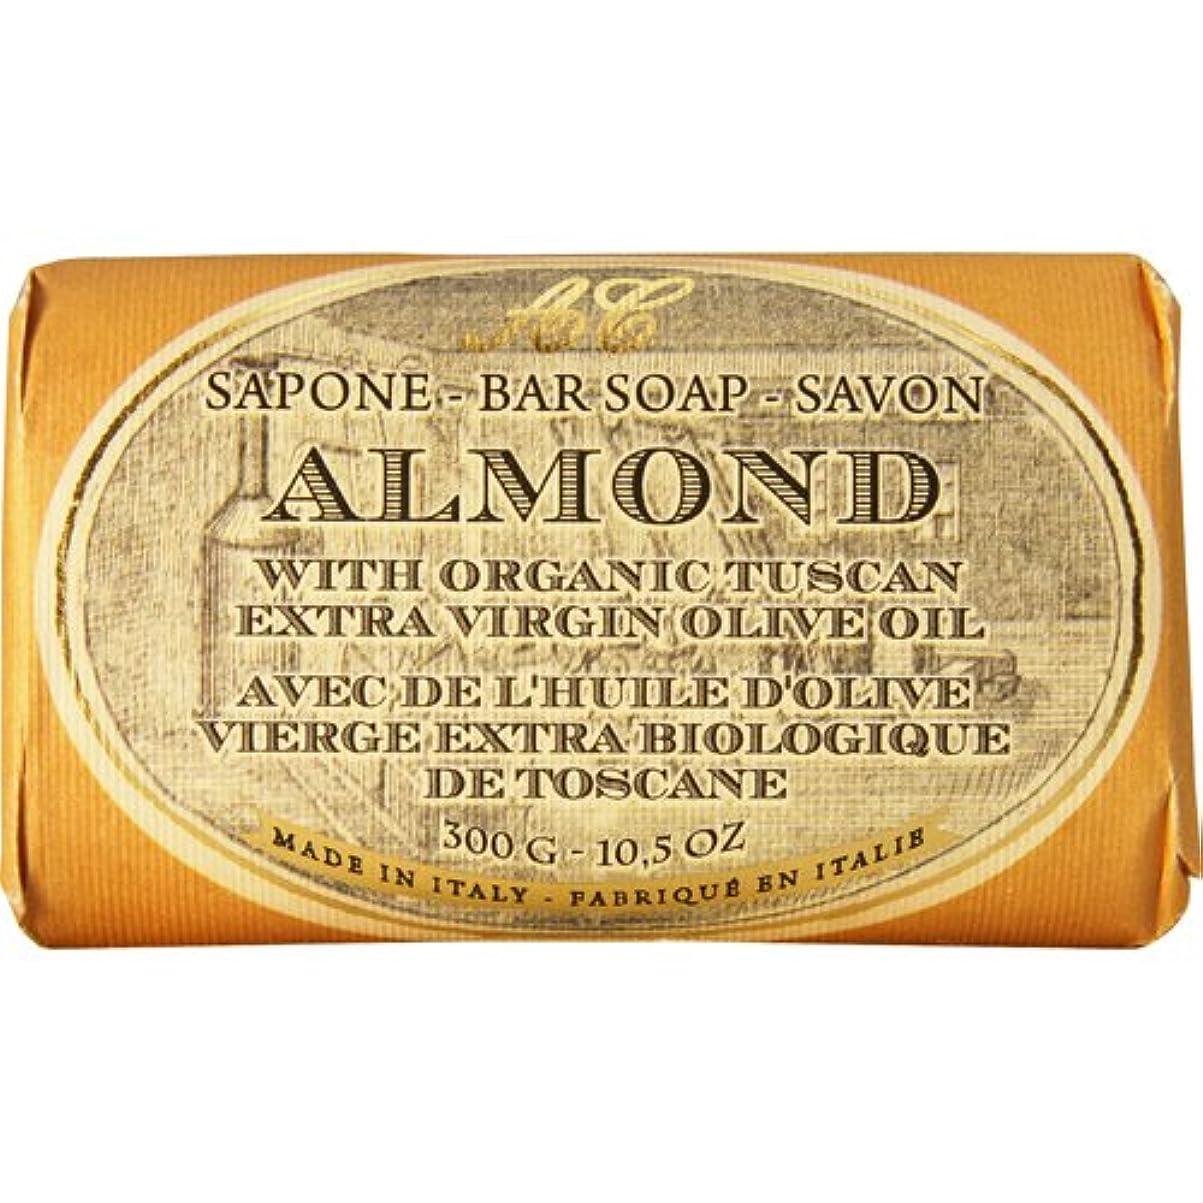 冷凍庫トレイル湿地Saponerire Fissi レトロシリーズ Bar Soap バーソープ 300g Almond アーモンドオイル